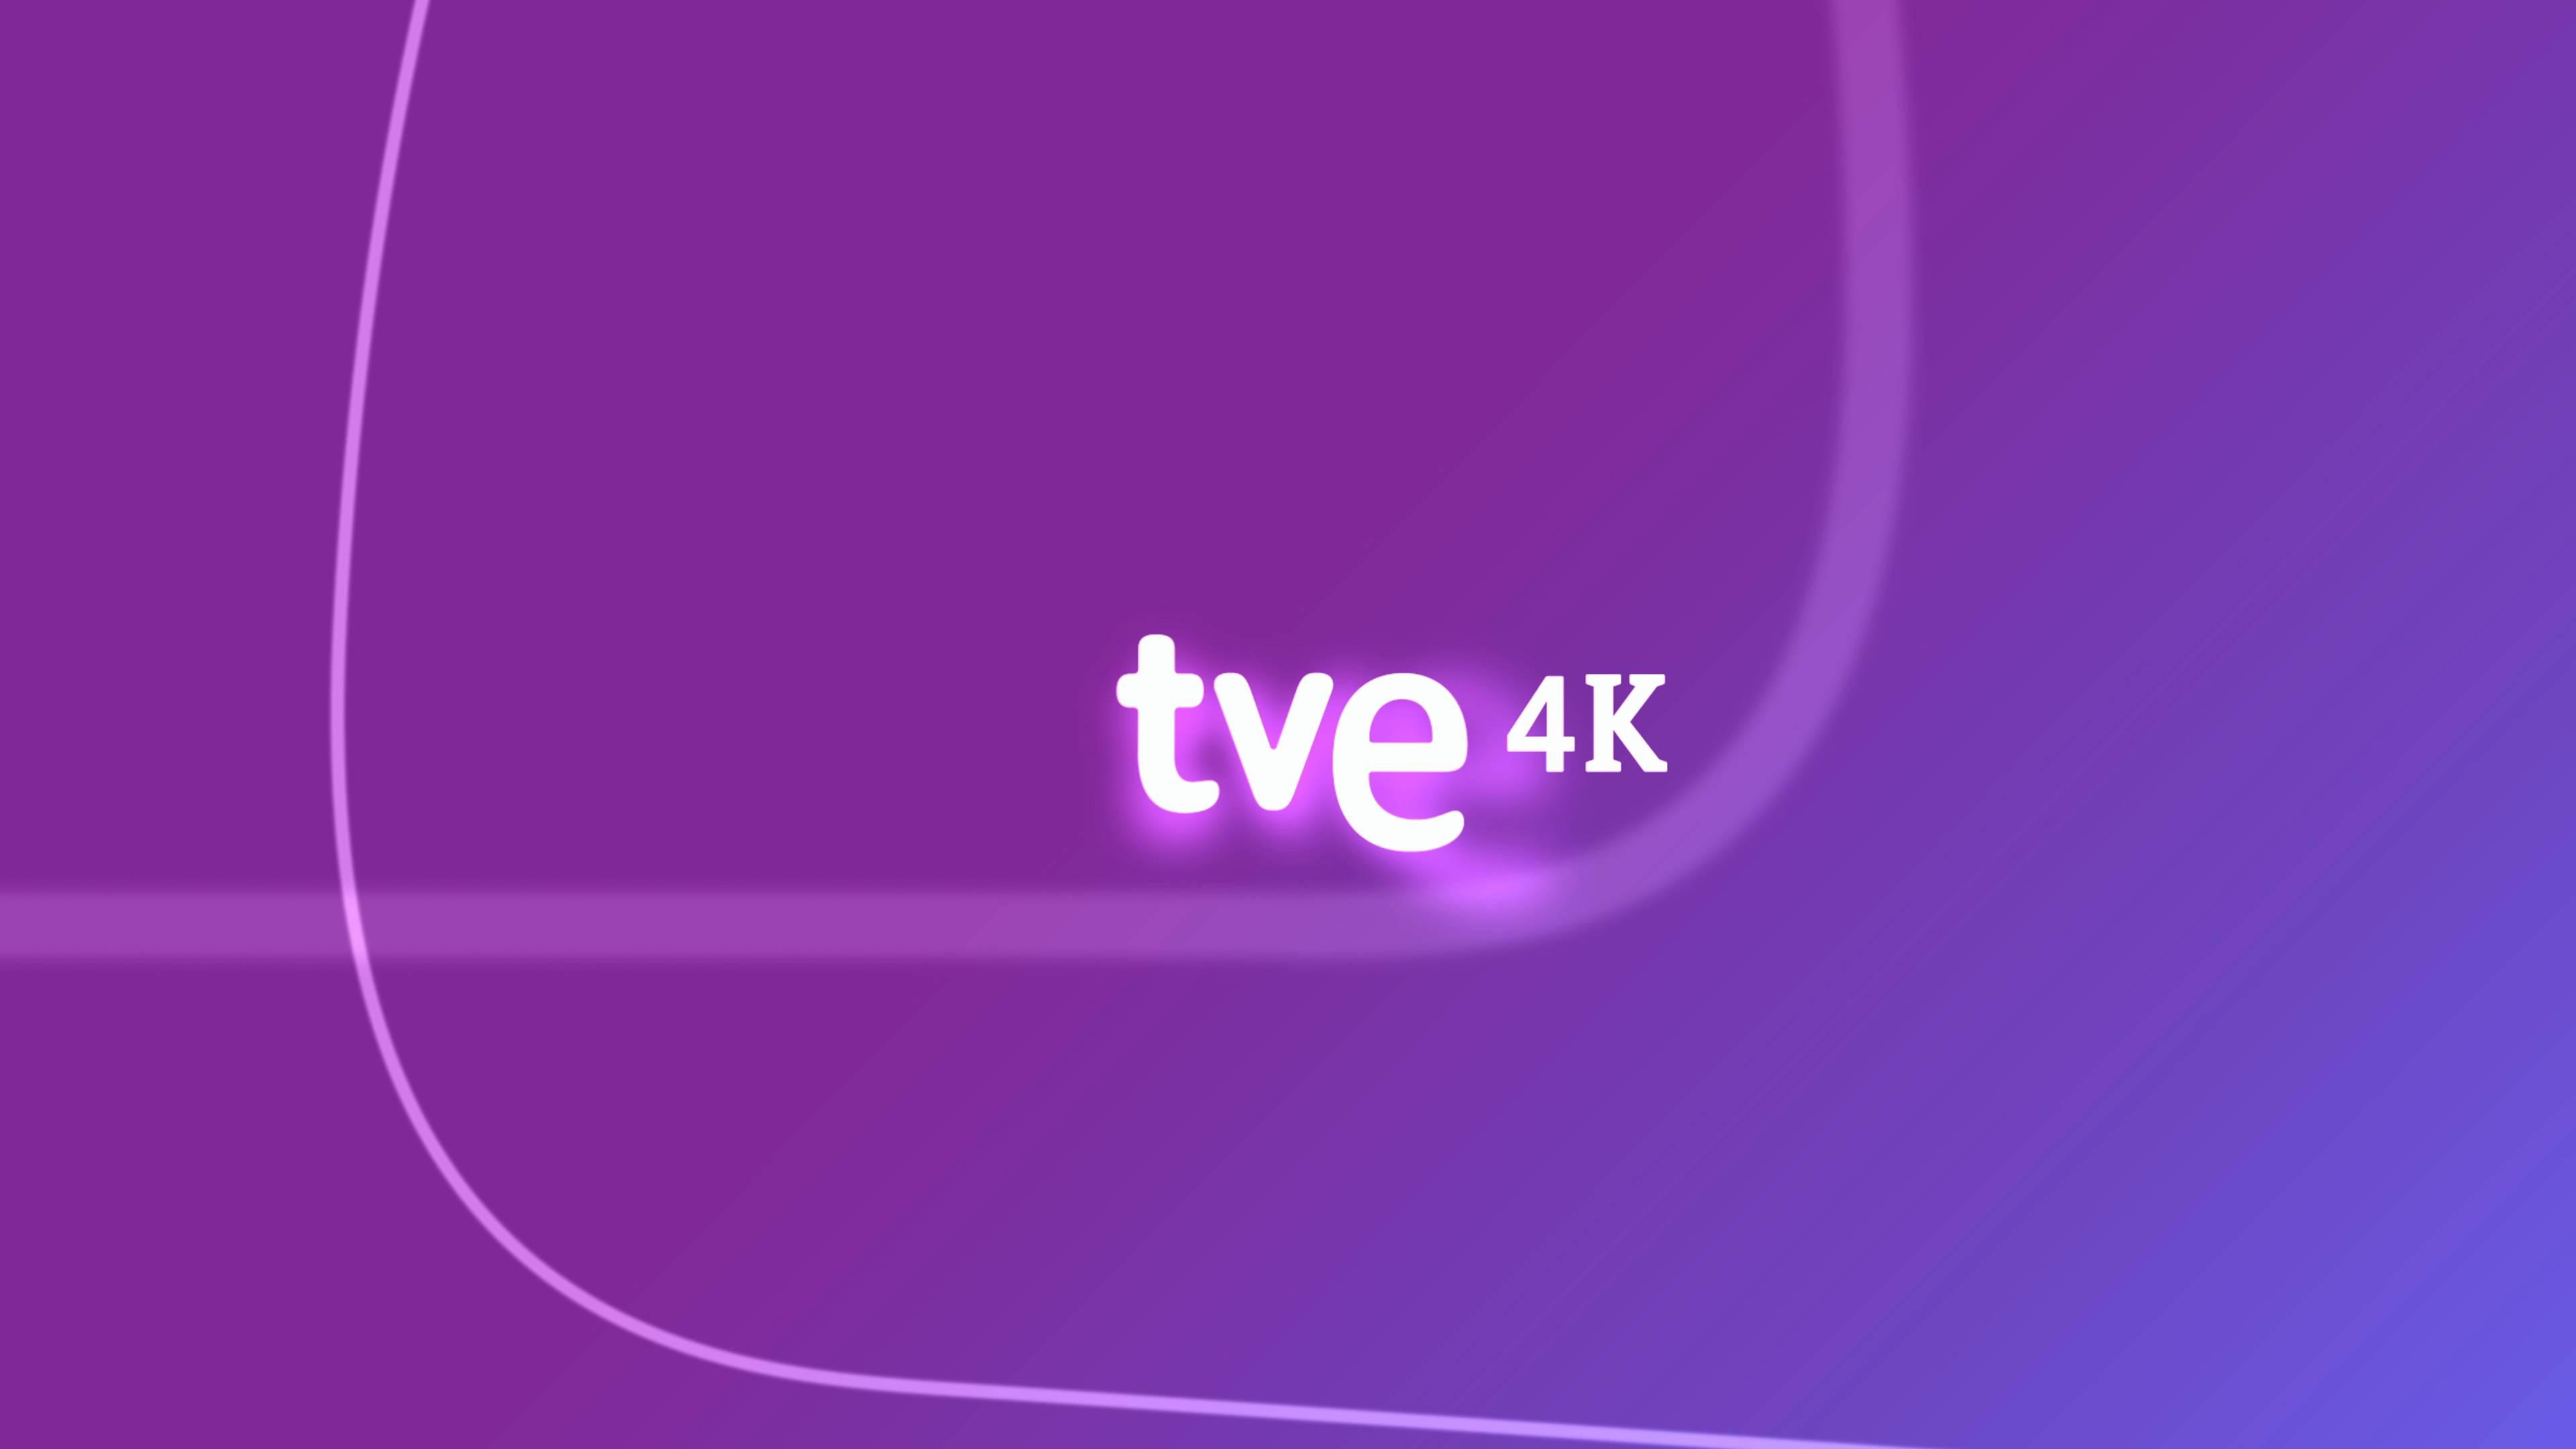 Weiterer 4K-Demokanal mit Demo-Clips aus Barcelona gestartet